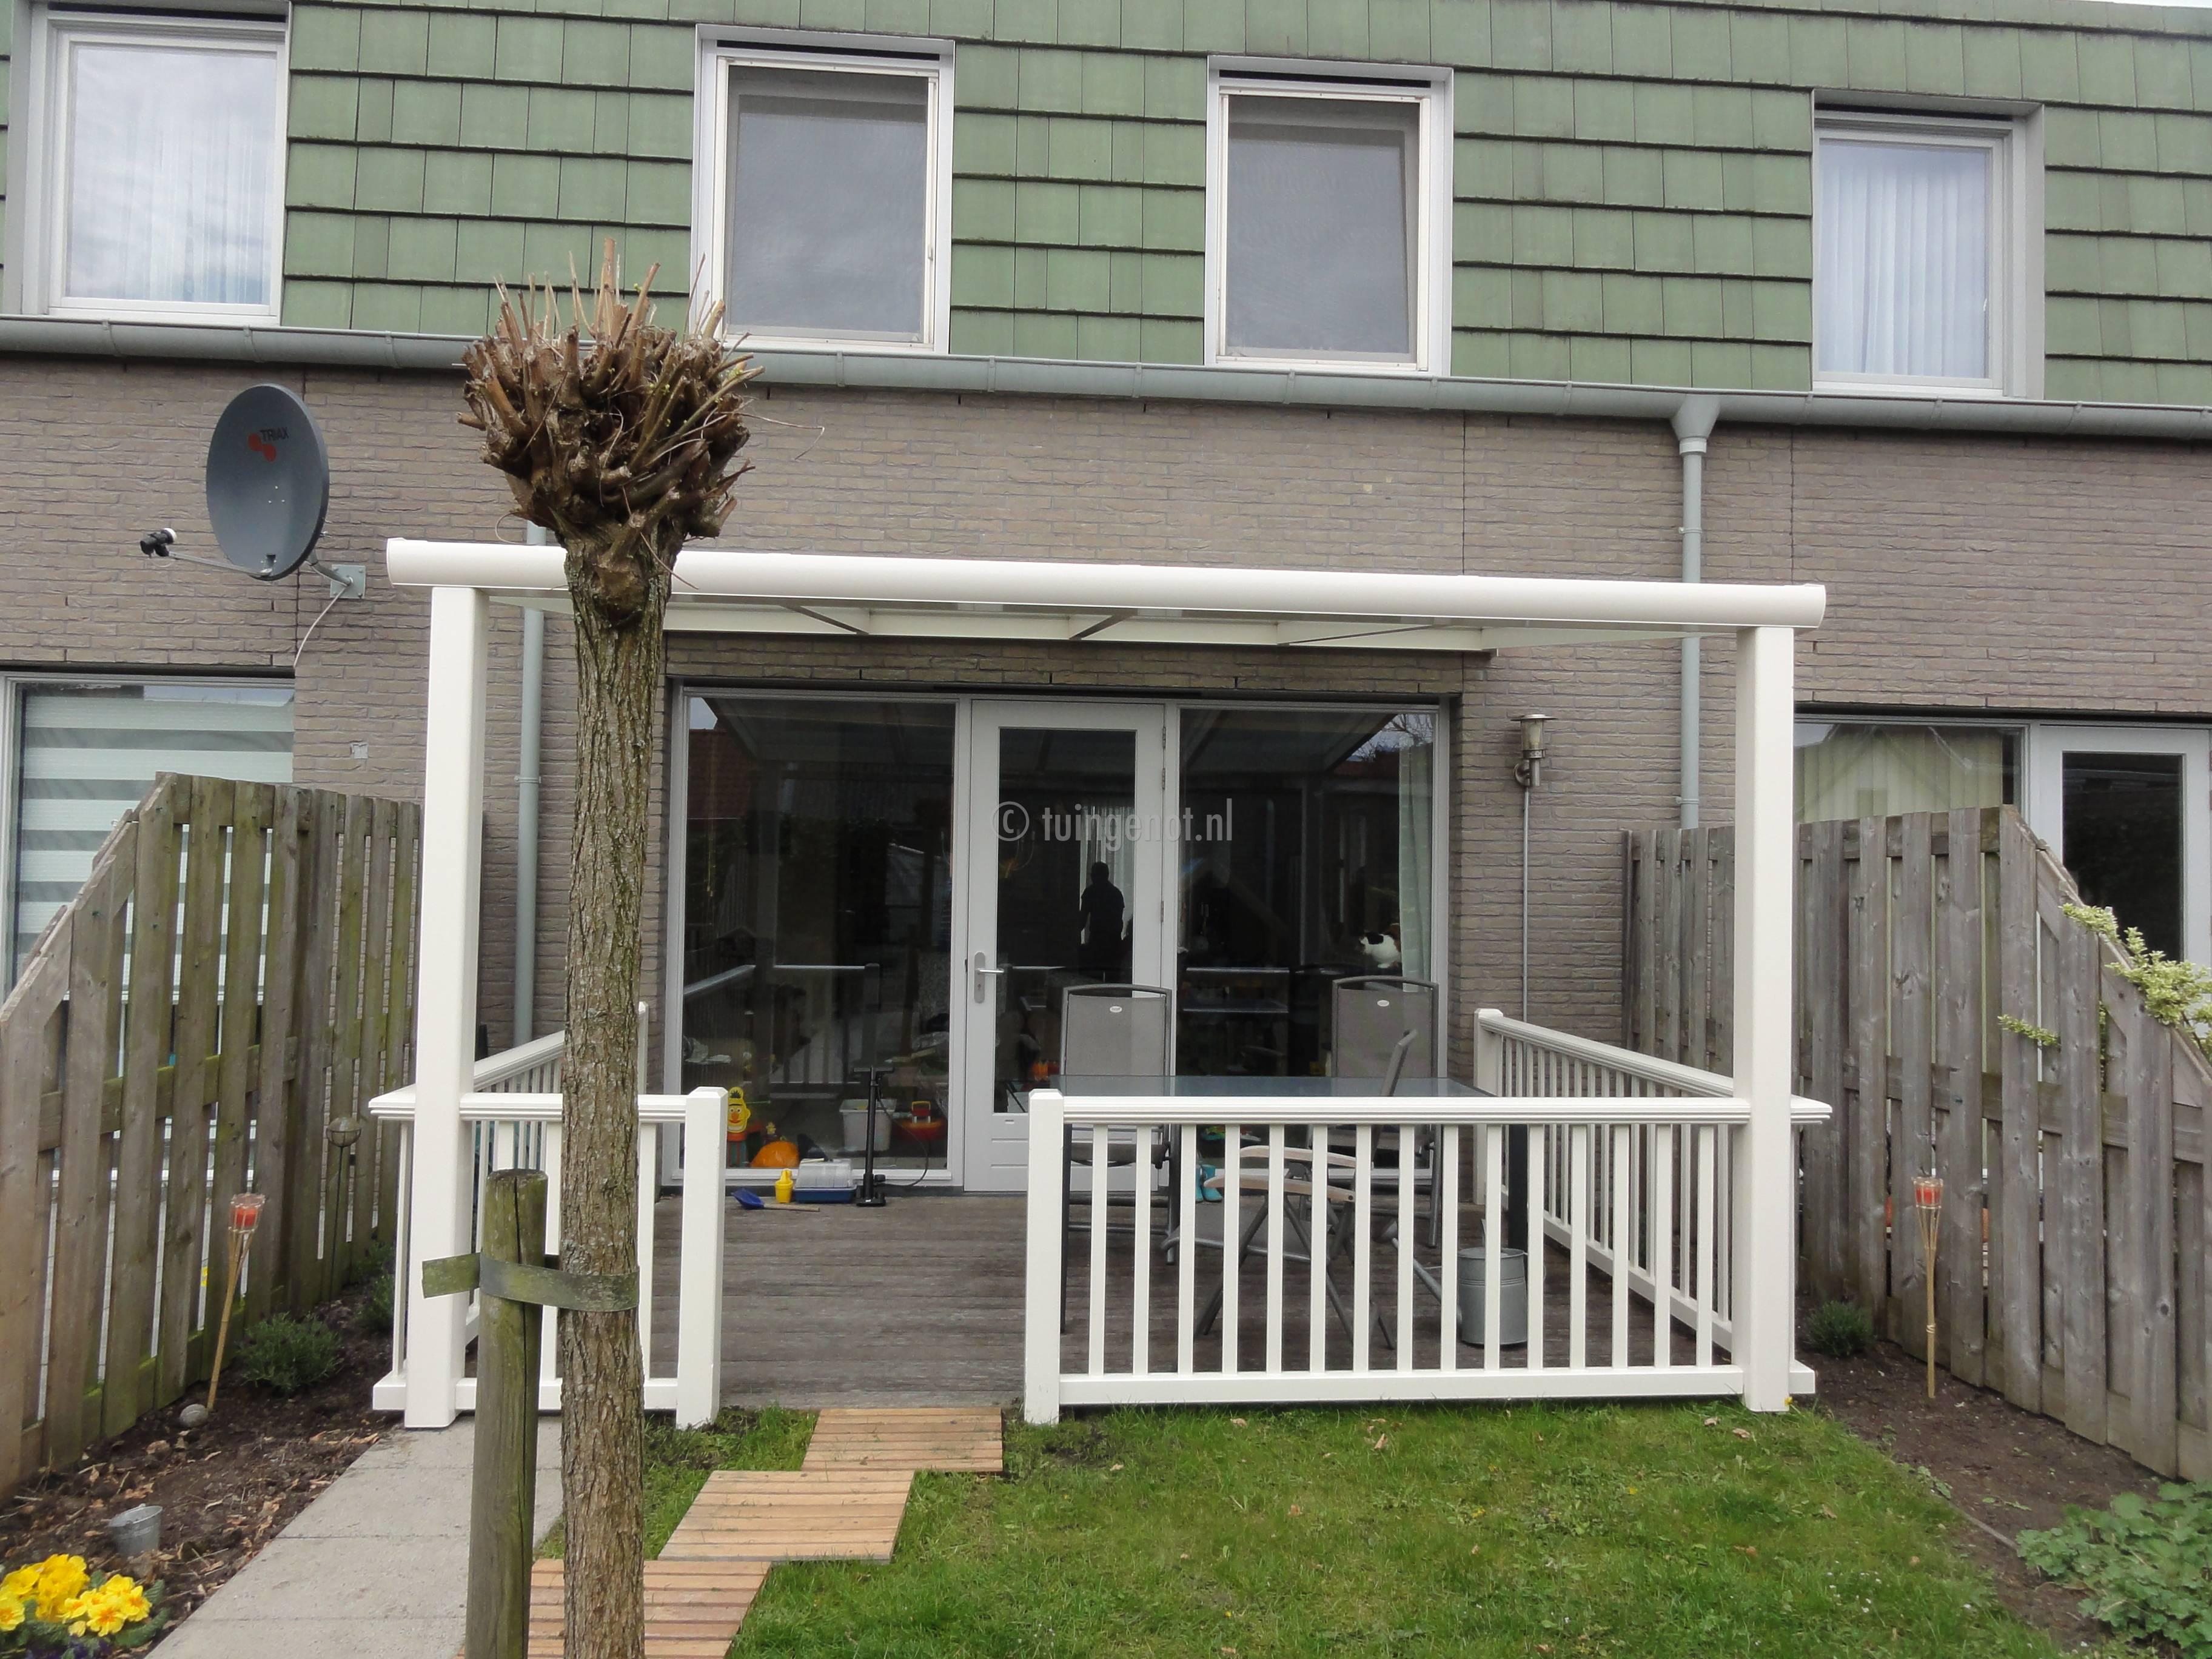 Tuingenot houten balustrades voor bij de veranda for Houten veranda